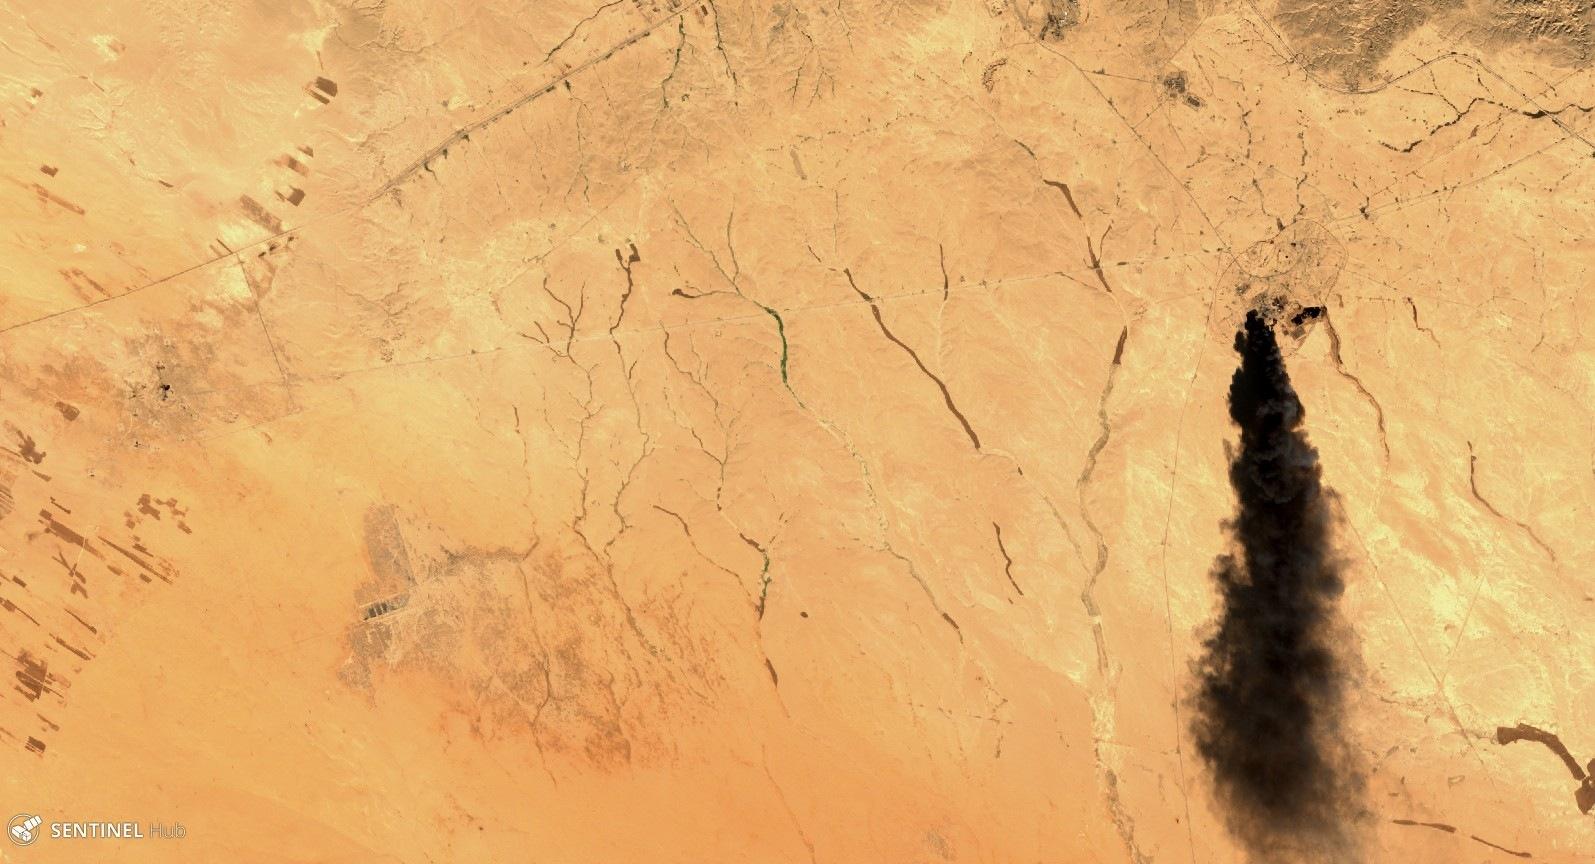 Satellitenbild von brennenden Ölfeldern in Syrien. So verschaffen sich Organisationen wie Pax einen Überblick vom Ausmaß der Zerstörung.